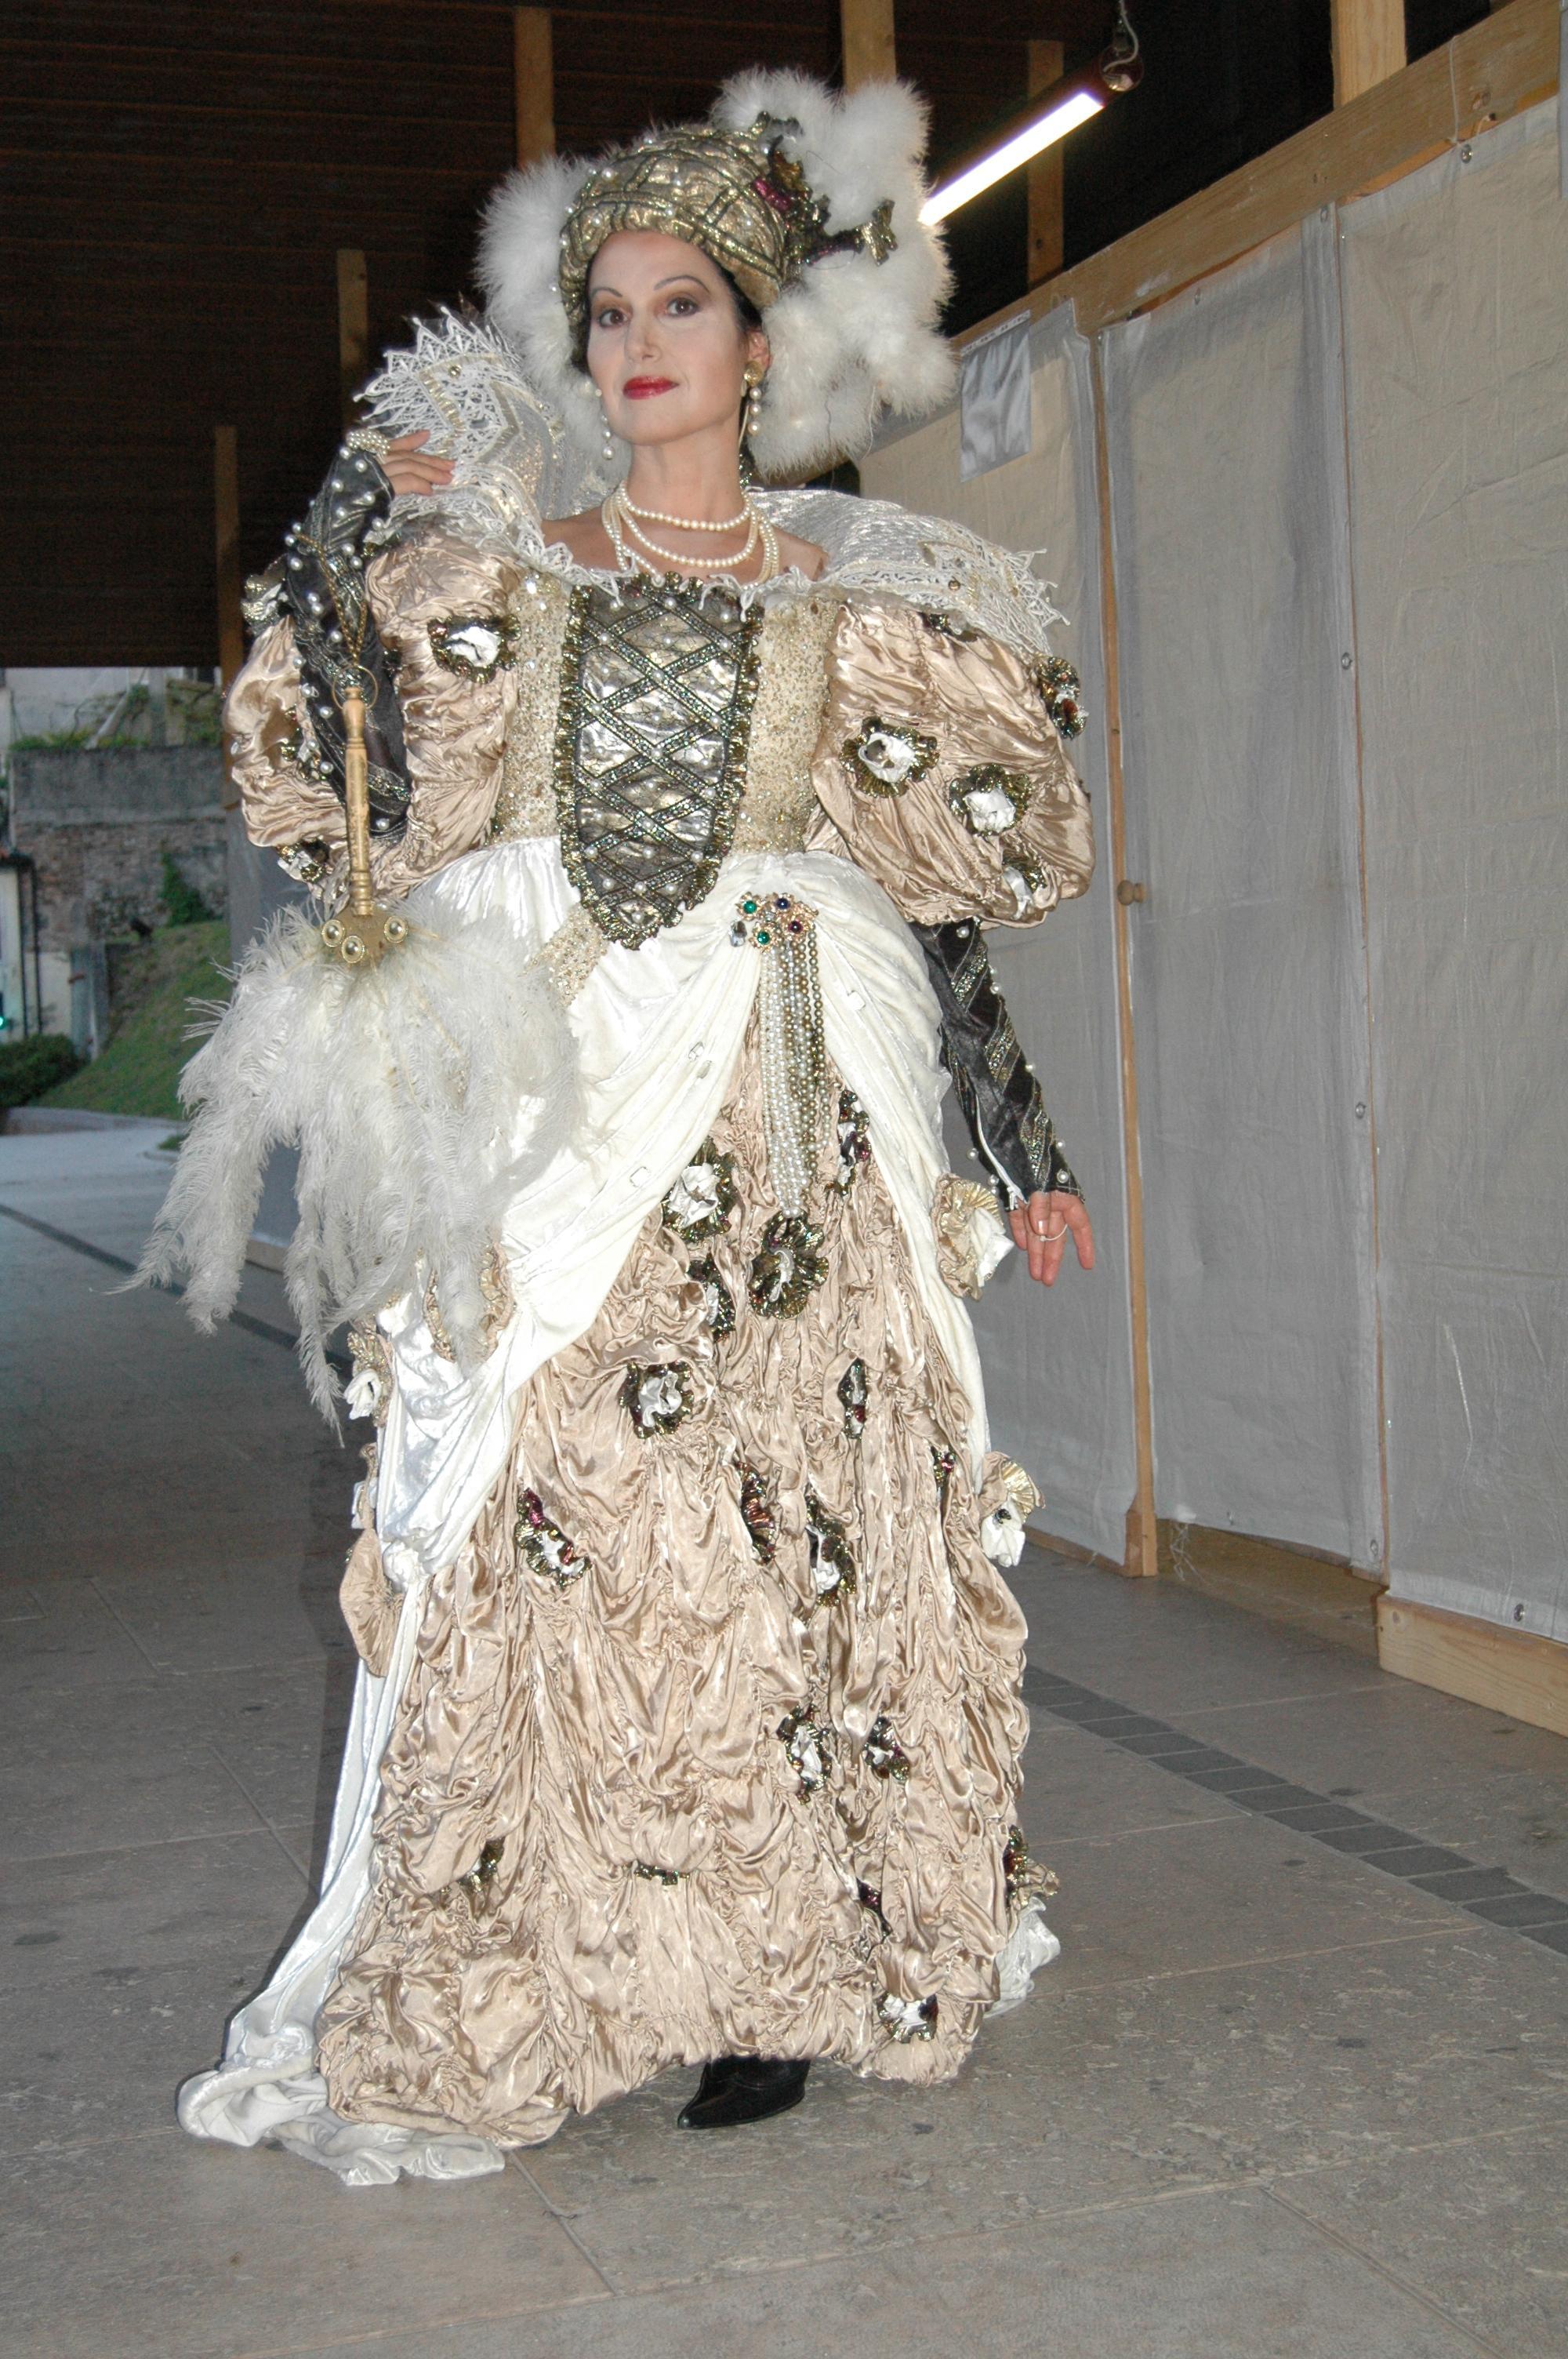 La Contessa di Ceprano